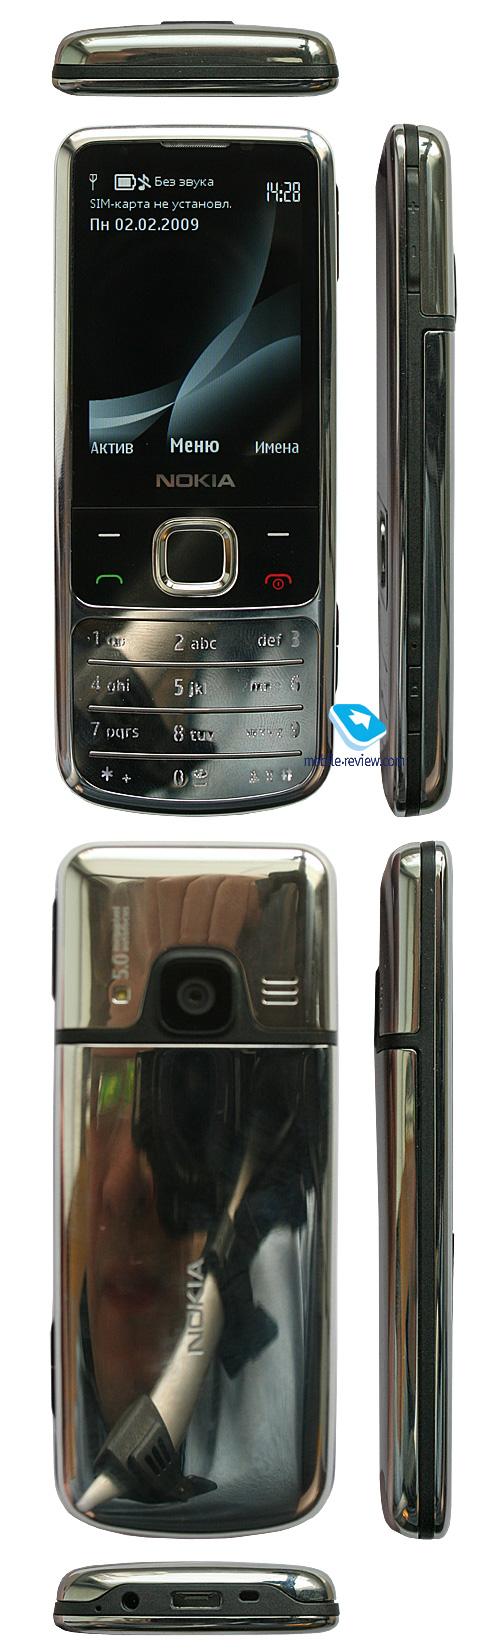 Nokia 6700 цвета